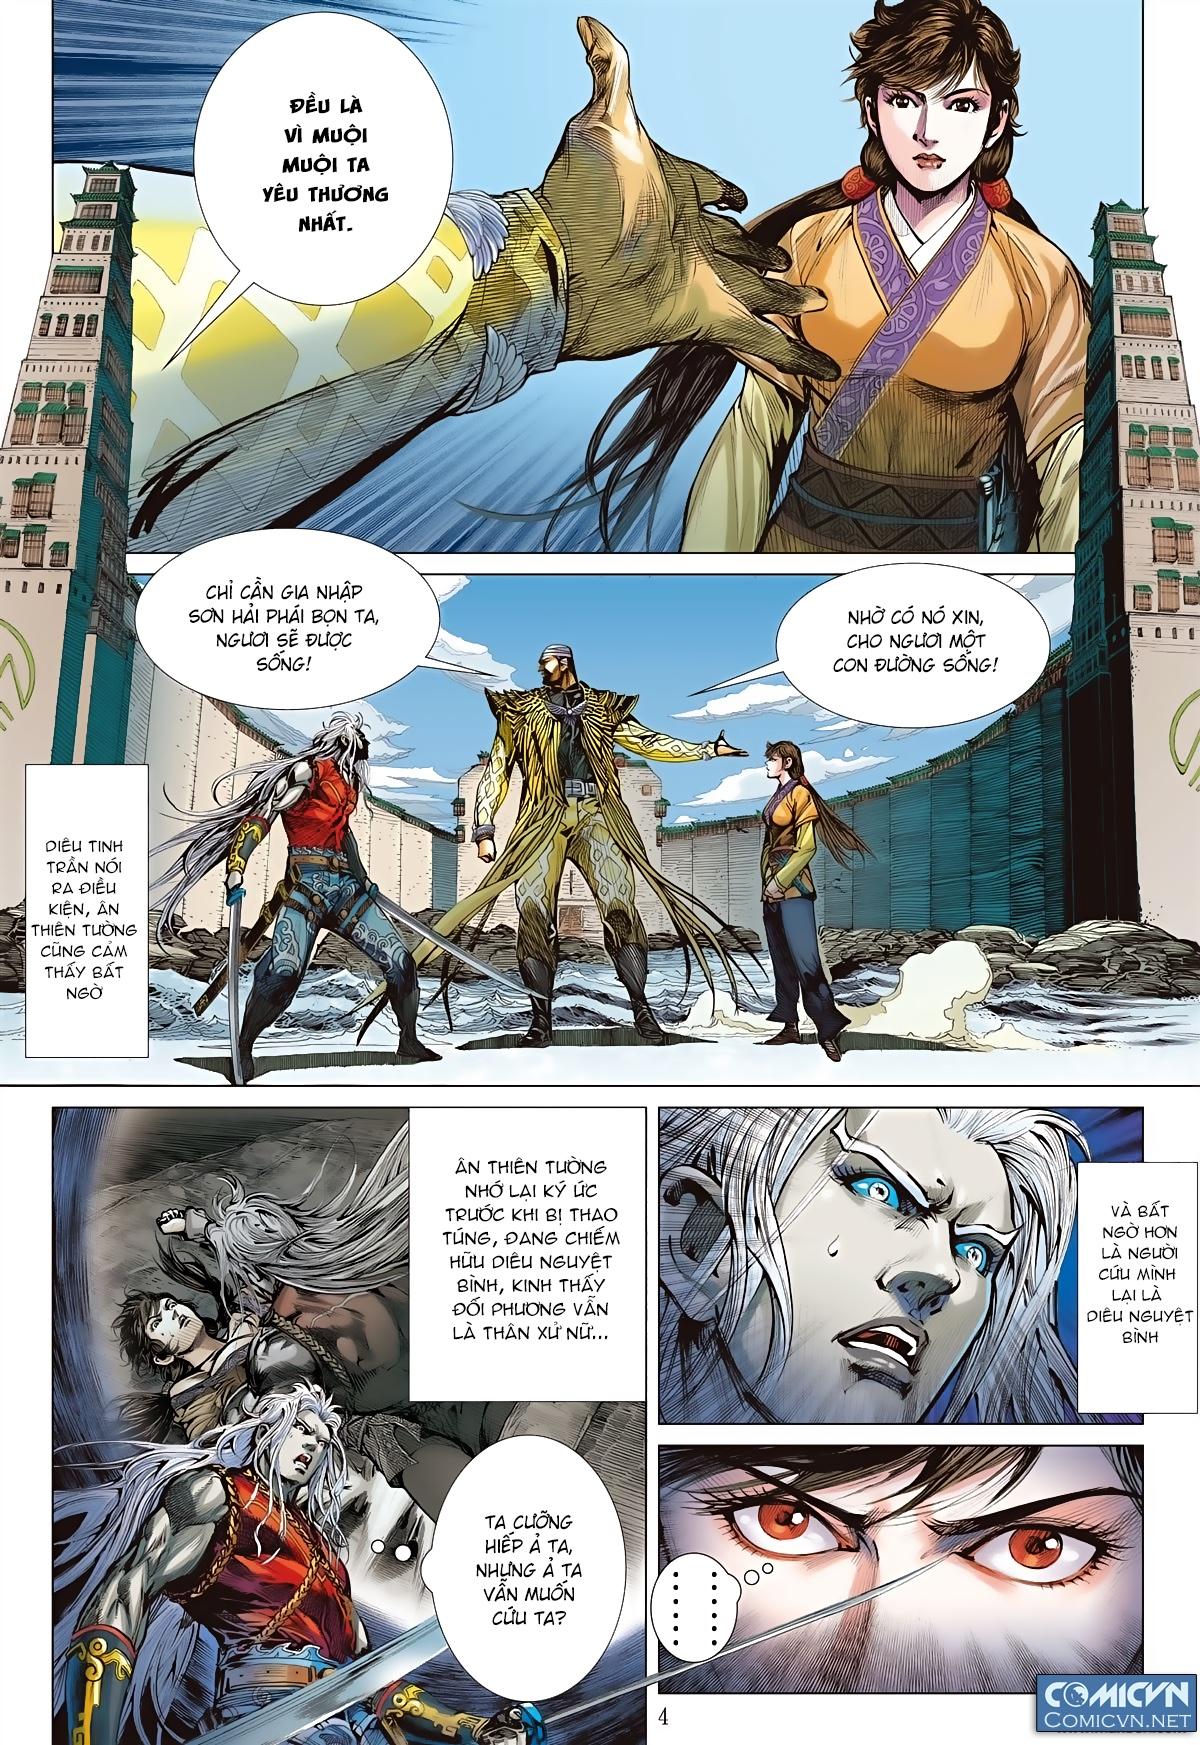 Sơn Hải Nghịch Chiến Chap 77 - Trang 4